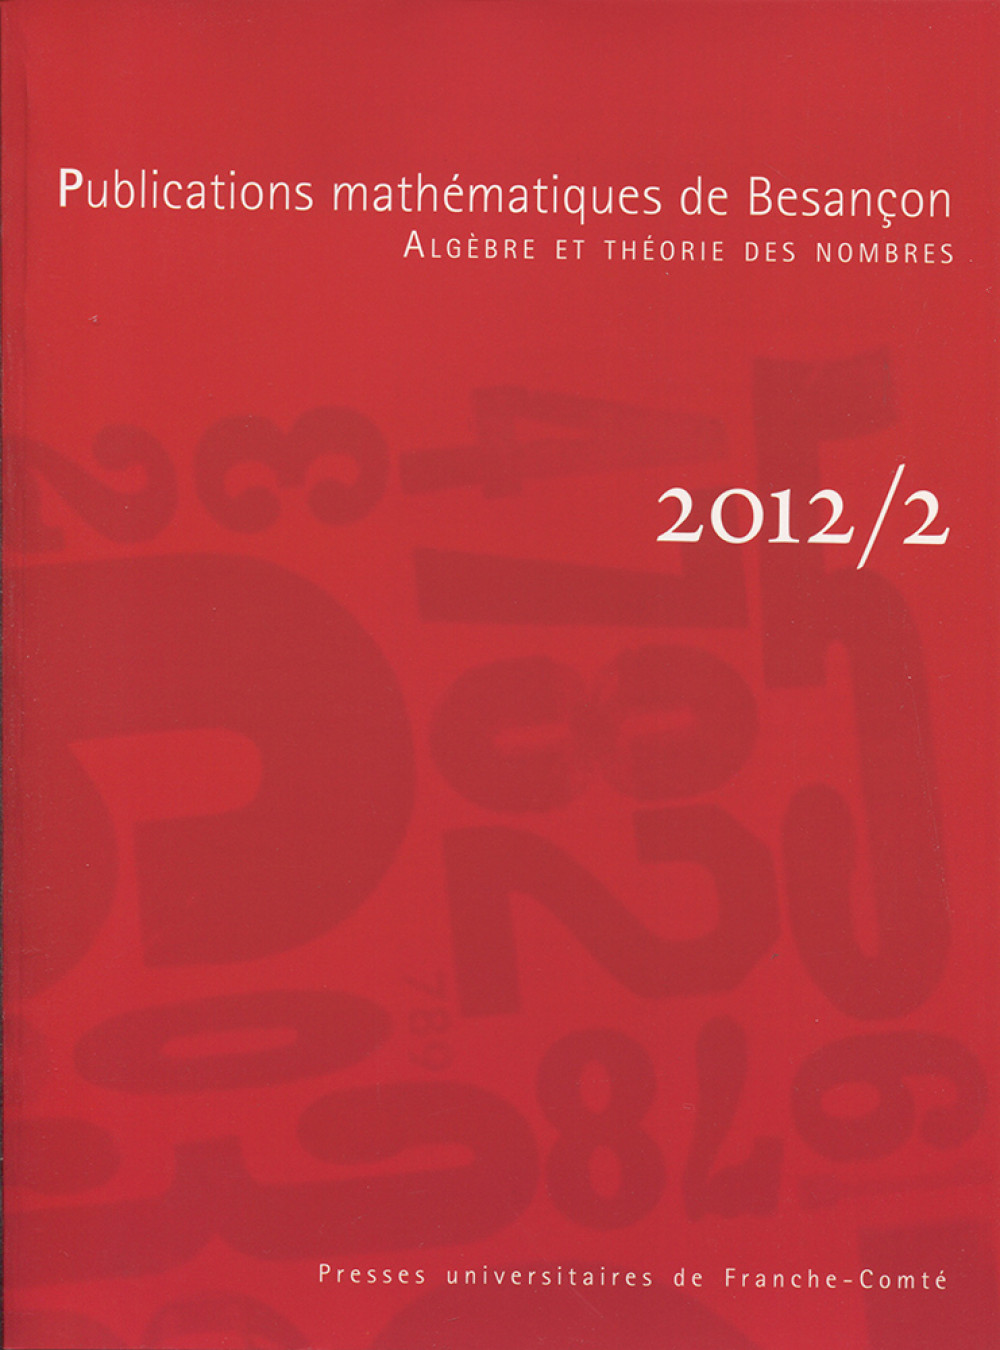 Publications mathématiques de Besançon - Algèbre et théorie des nombres - numéro 2012/2